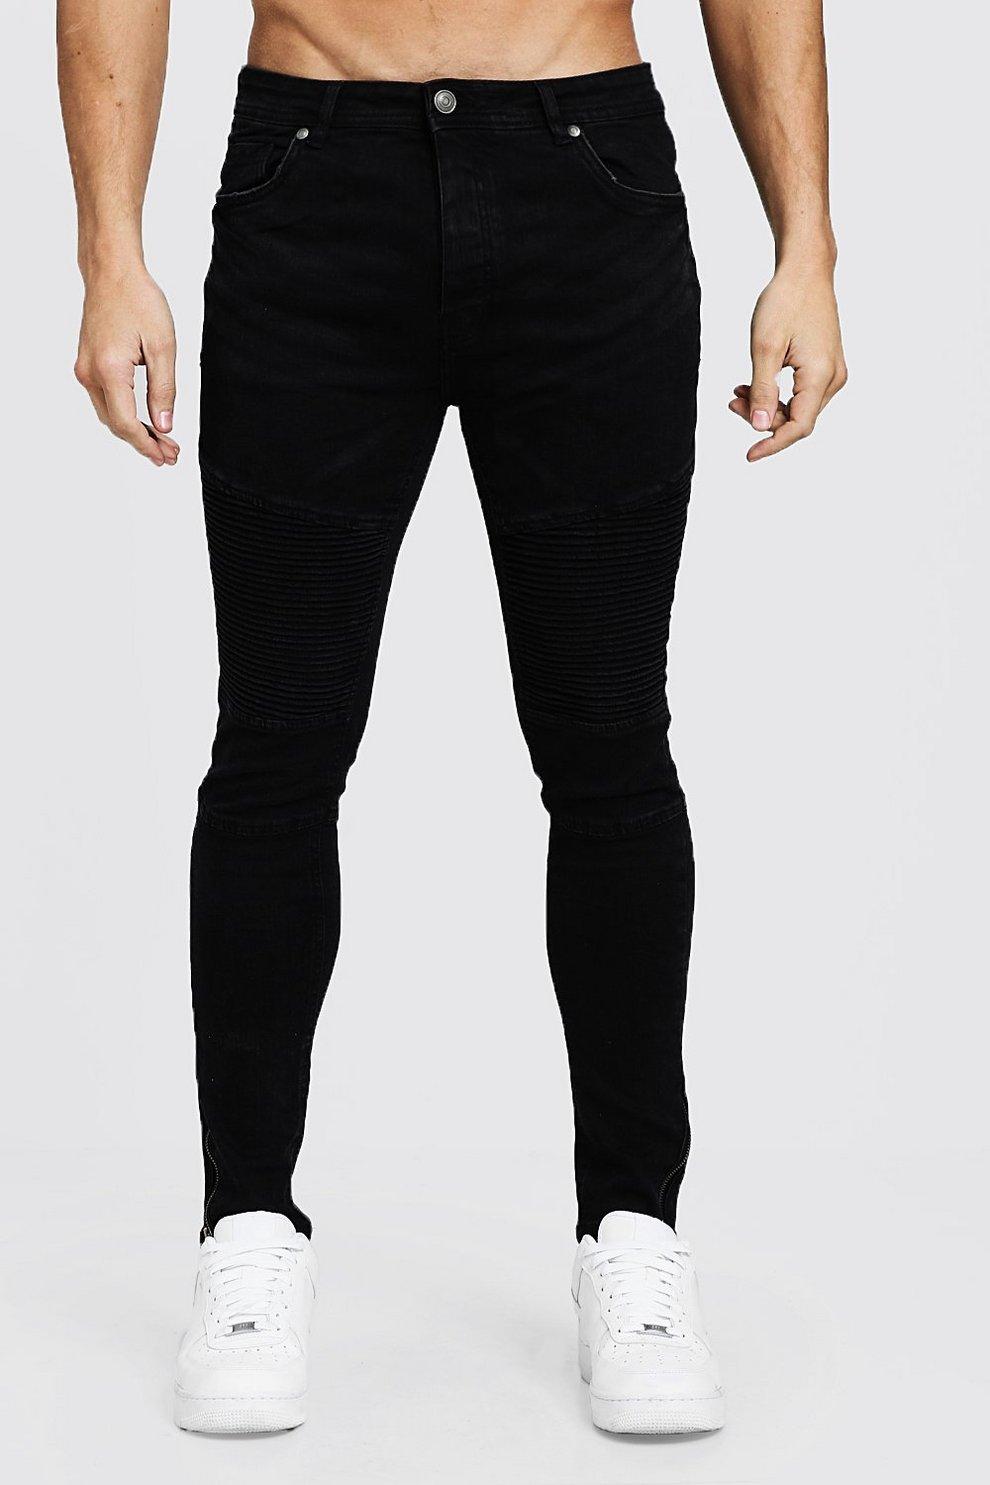 76861035d5cb7 Mens Black Skinny Fit Biker Jeans With Zip Cuff